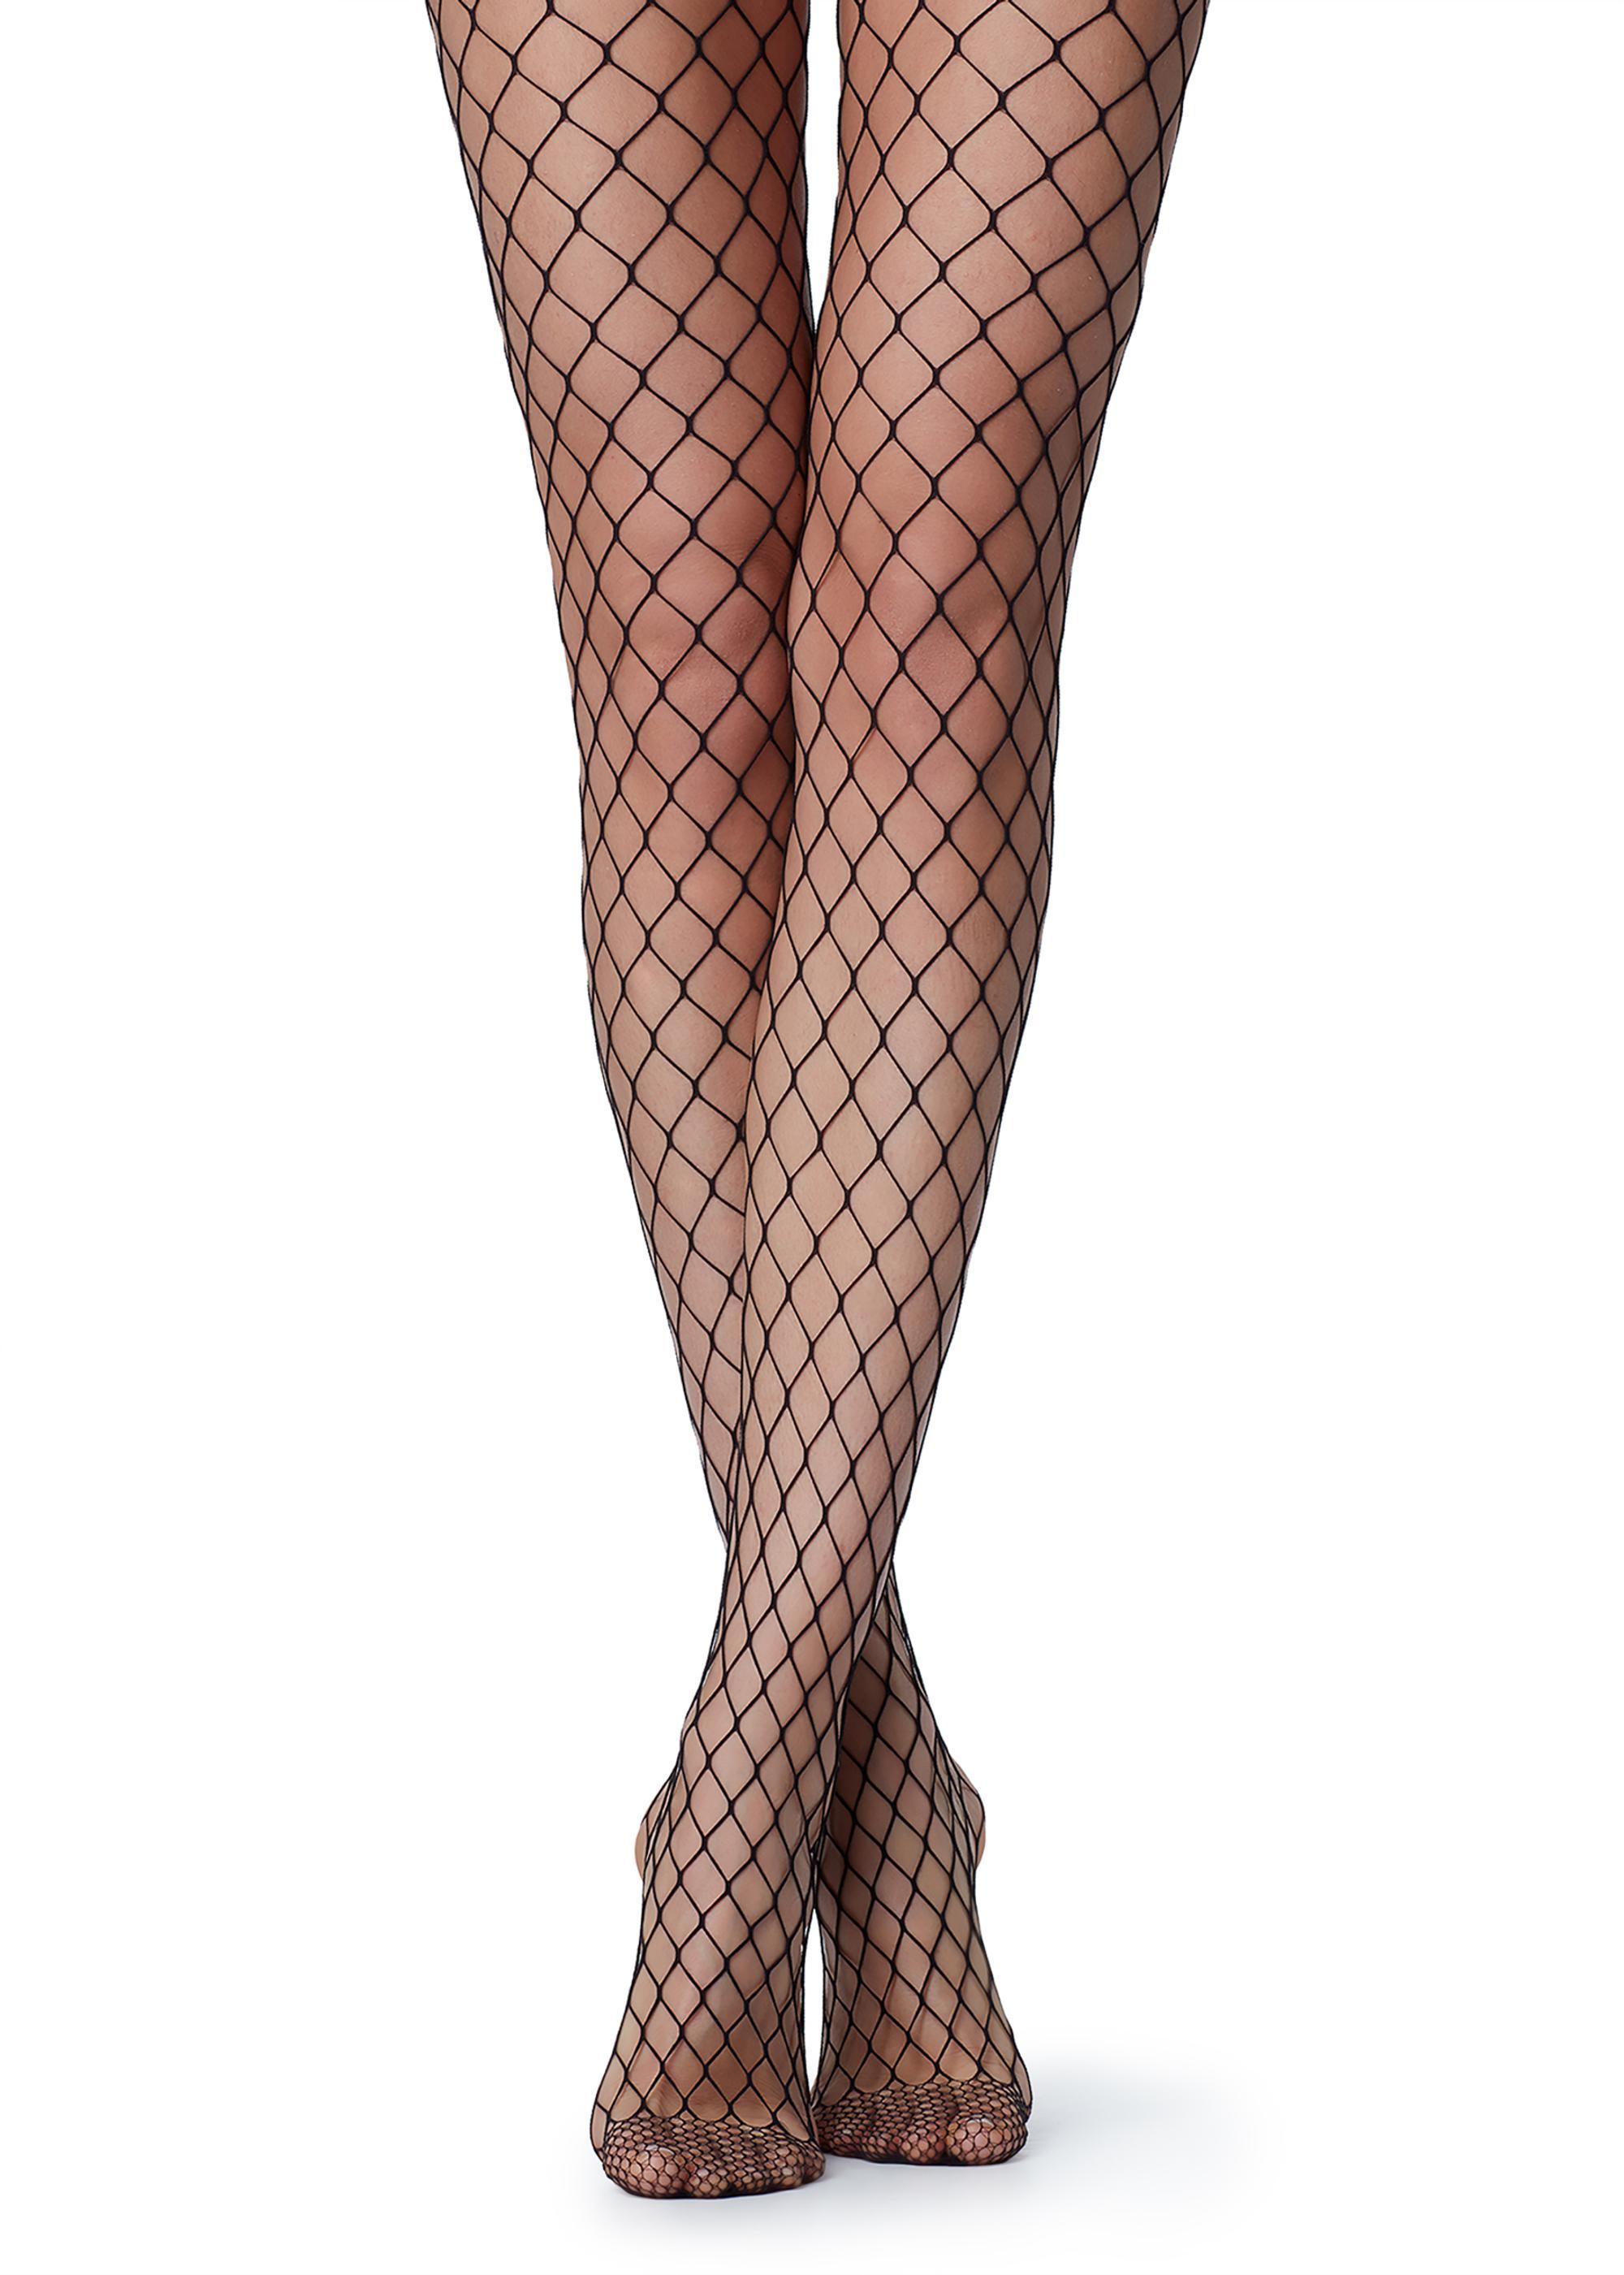 77e9aad28cd Nakupujte síťované dámské punčocháče na e-shopu Calzedonia